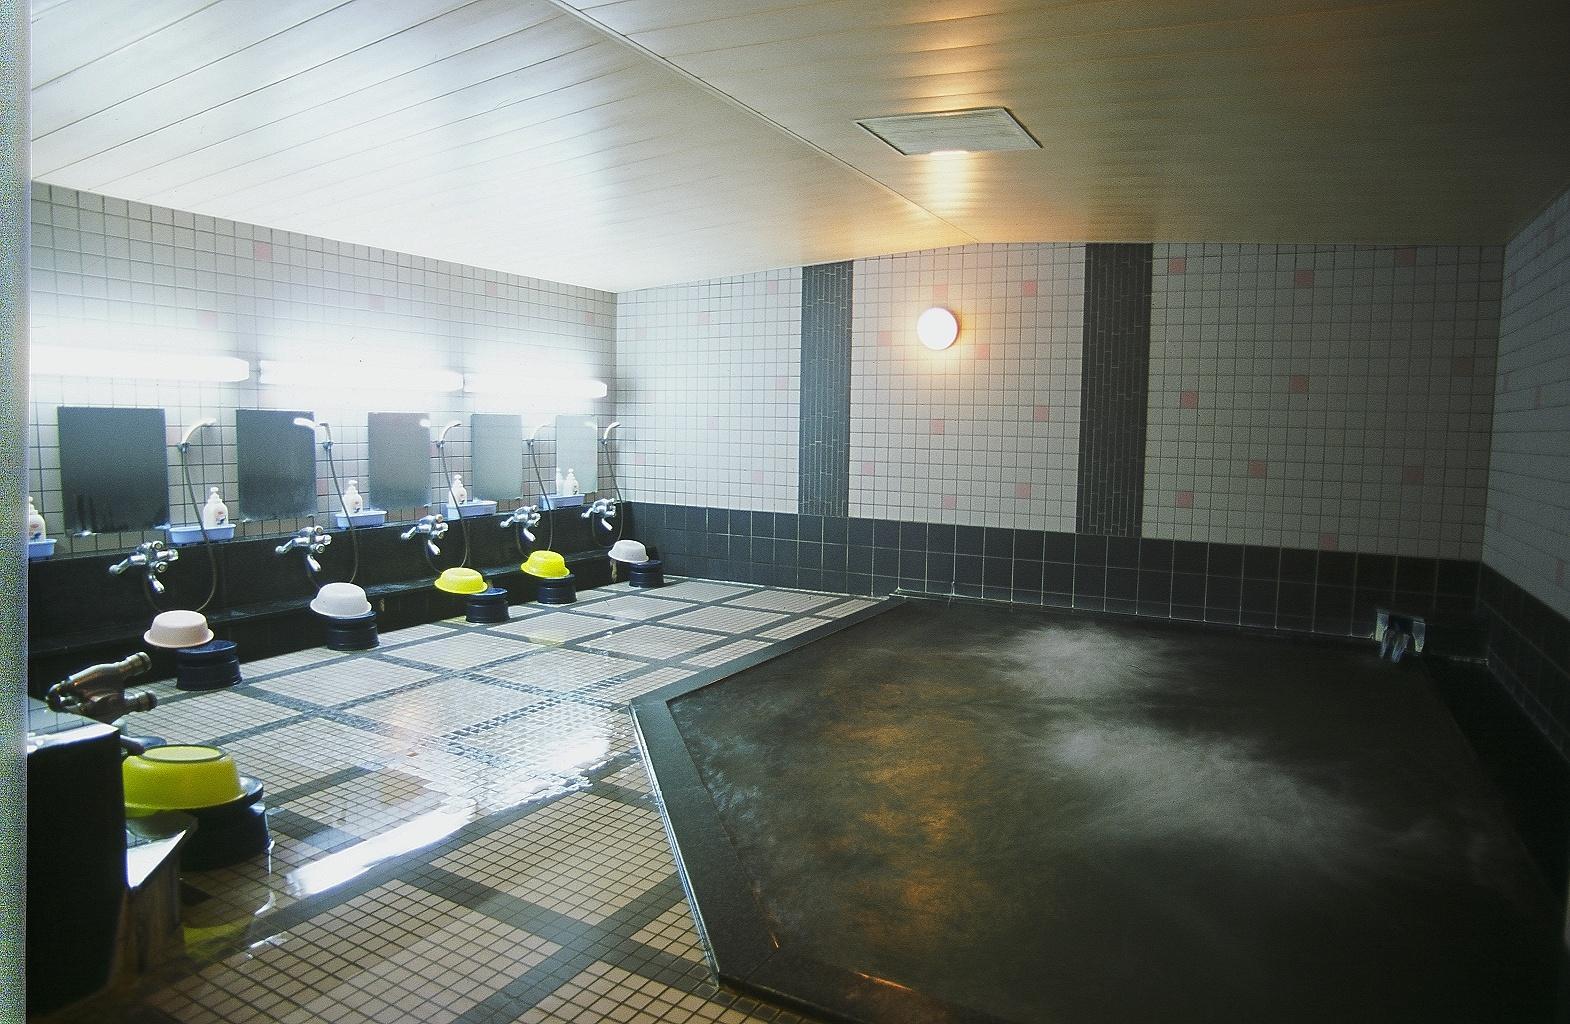 太陽廣場ホテルサンプラザ栂池 サンプラザ 風呂.jpg